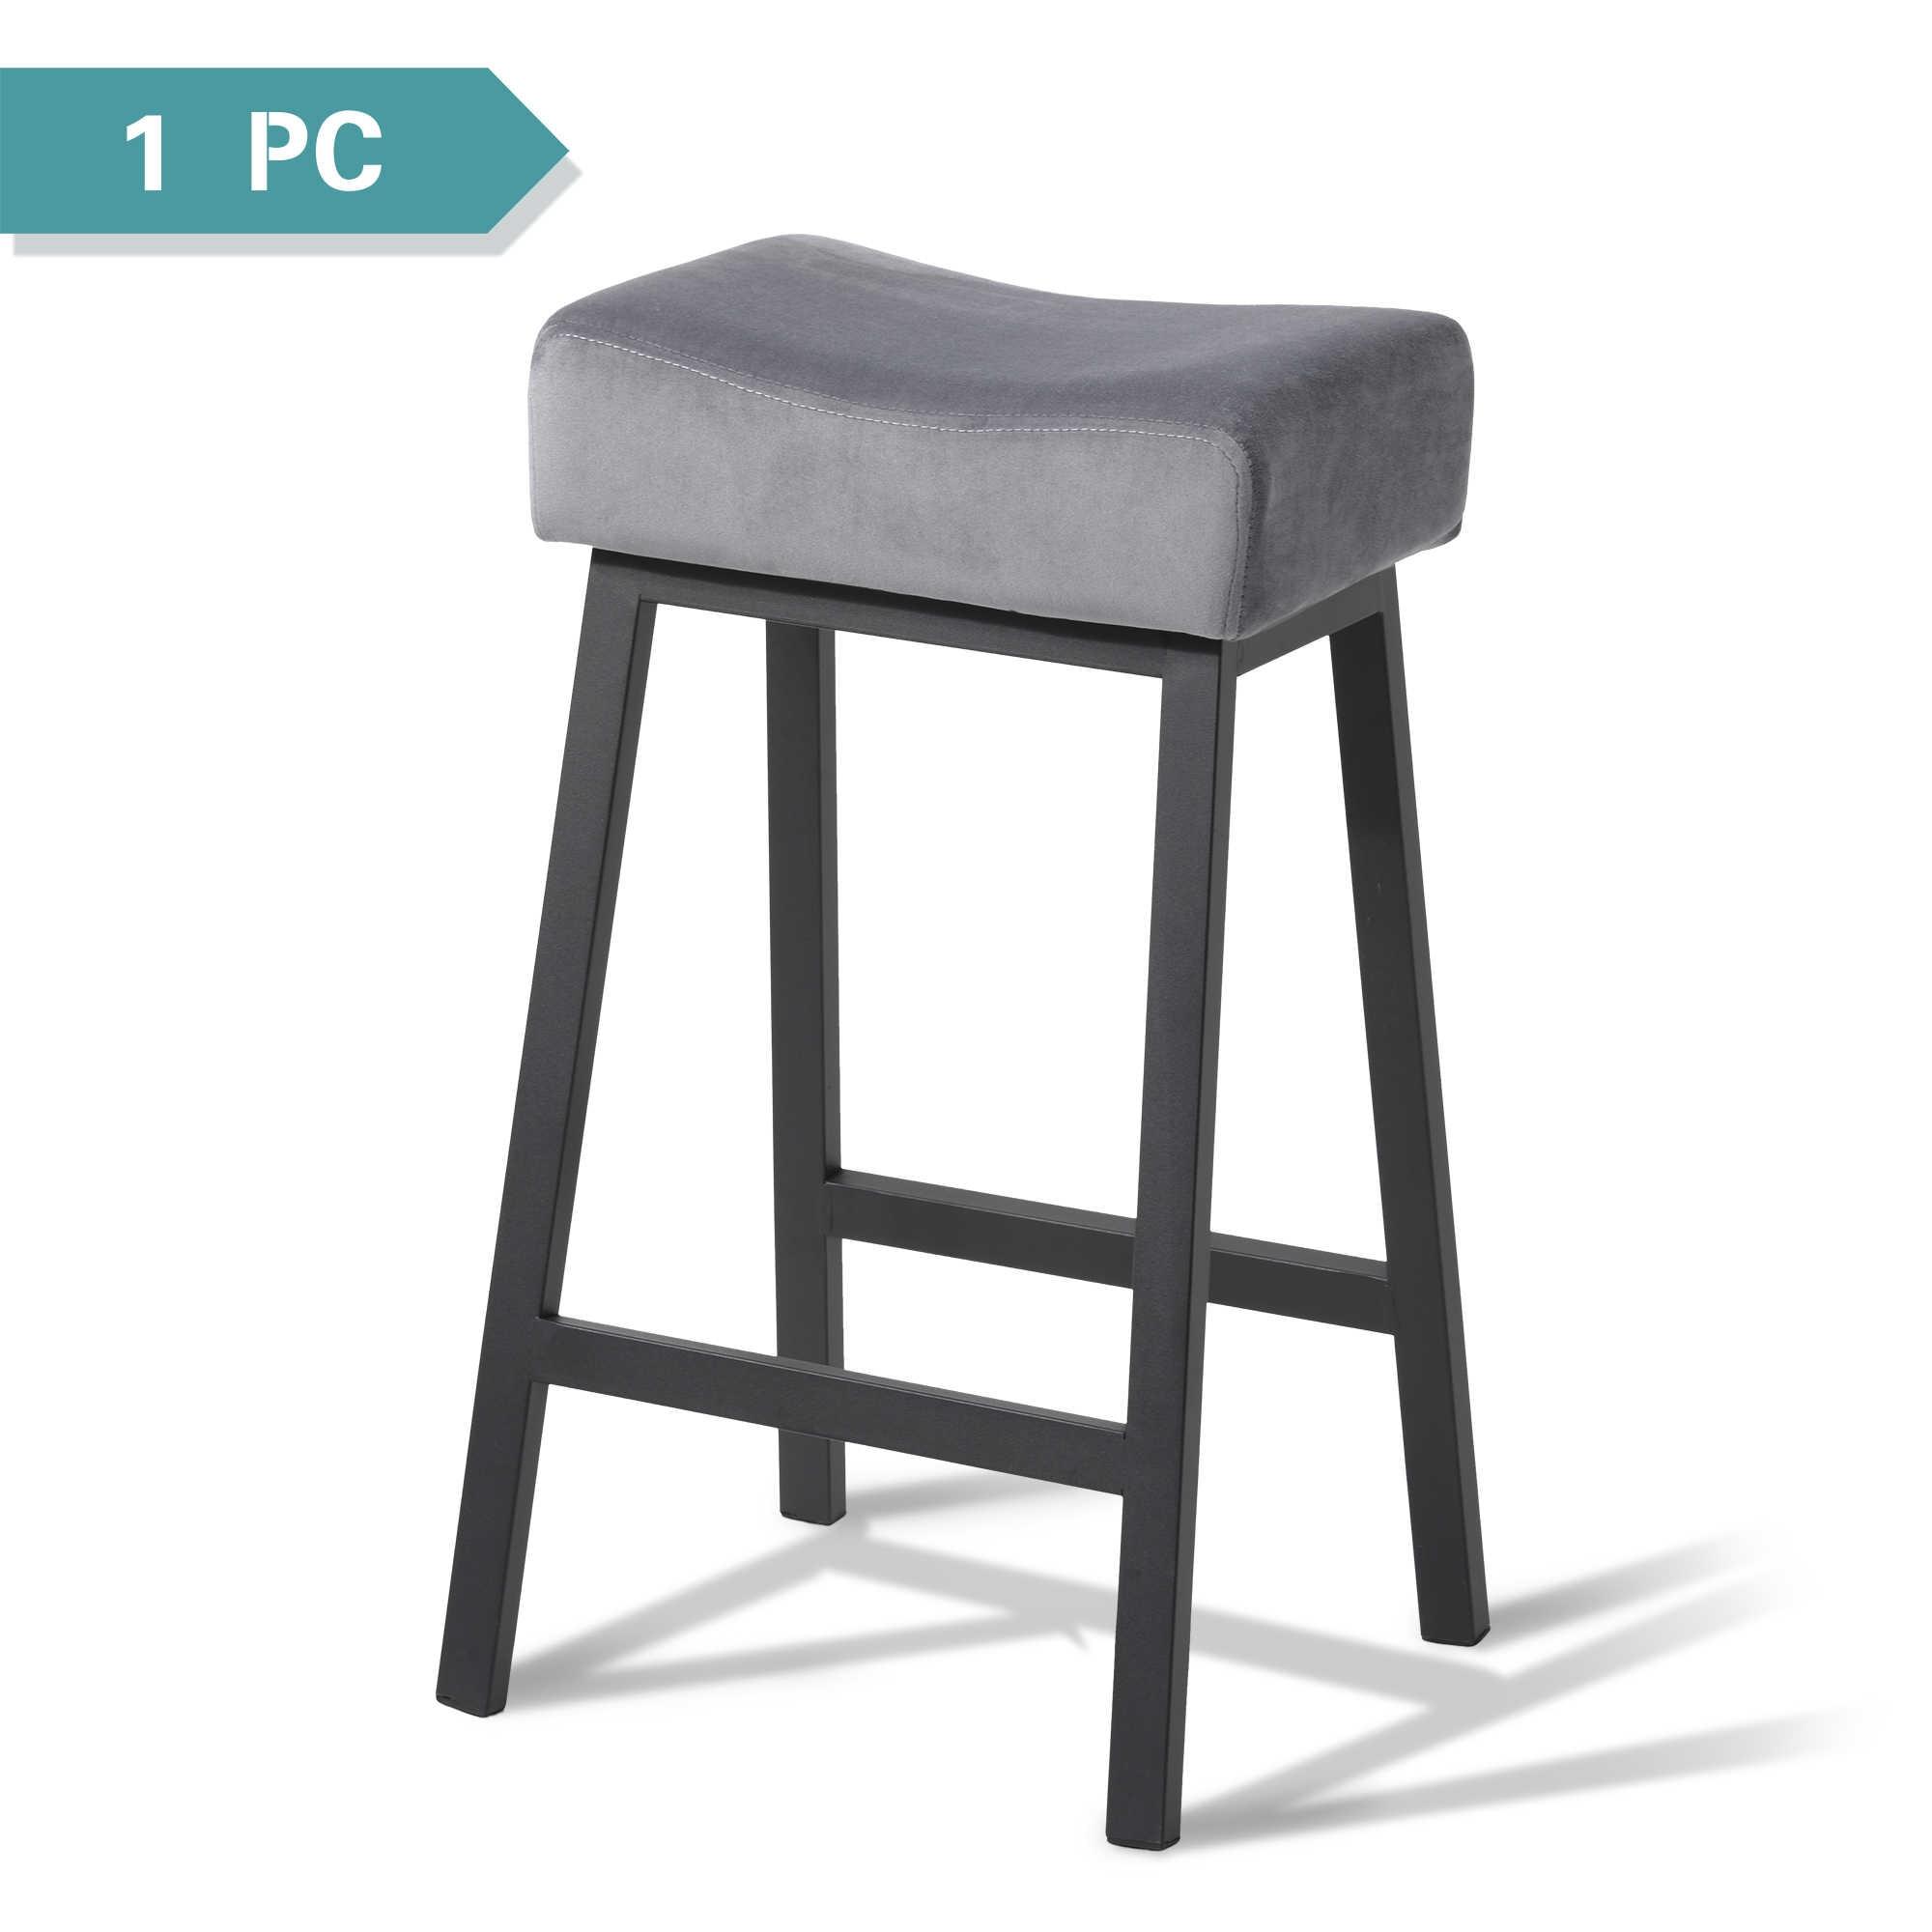 Grau Samt Barhocker Industriellen Stil Fur Fruhstuck Hoch Kuche Esszimmer Zahler Stuhl Mit Verstarkt Stahl Rahmen Bar Hocker Aliexpress